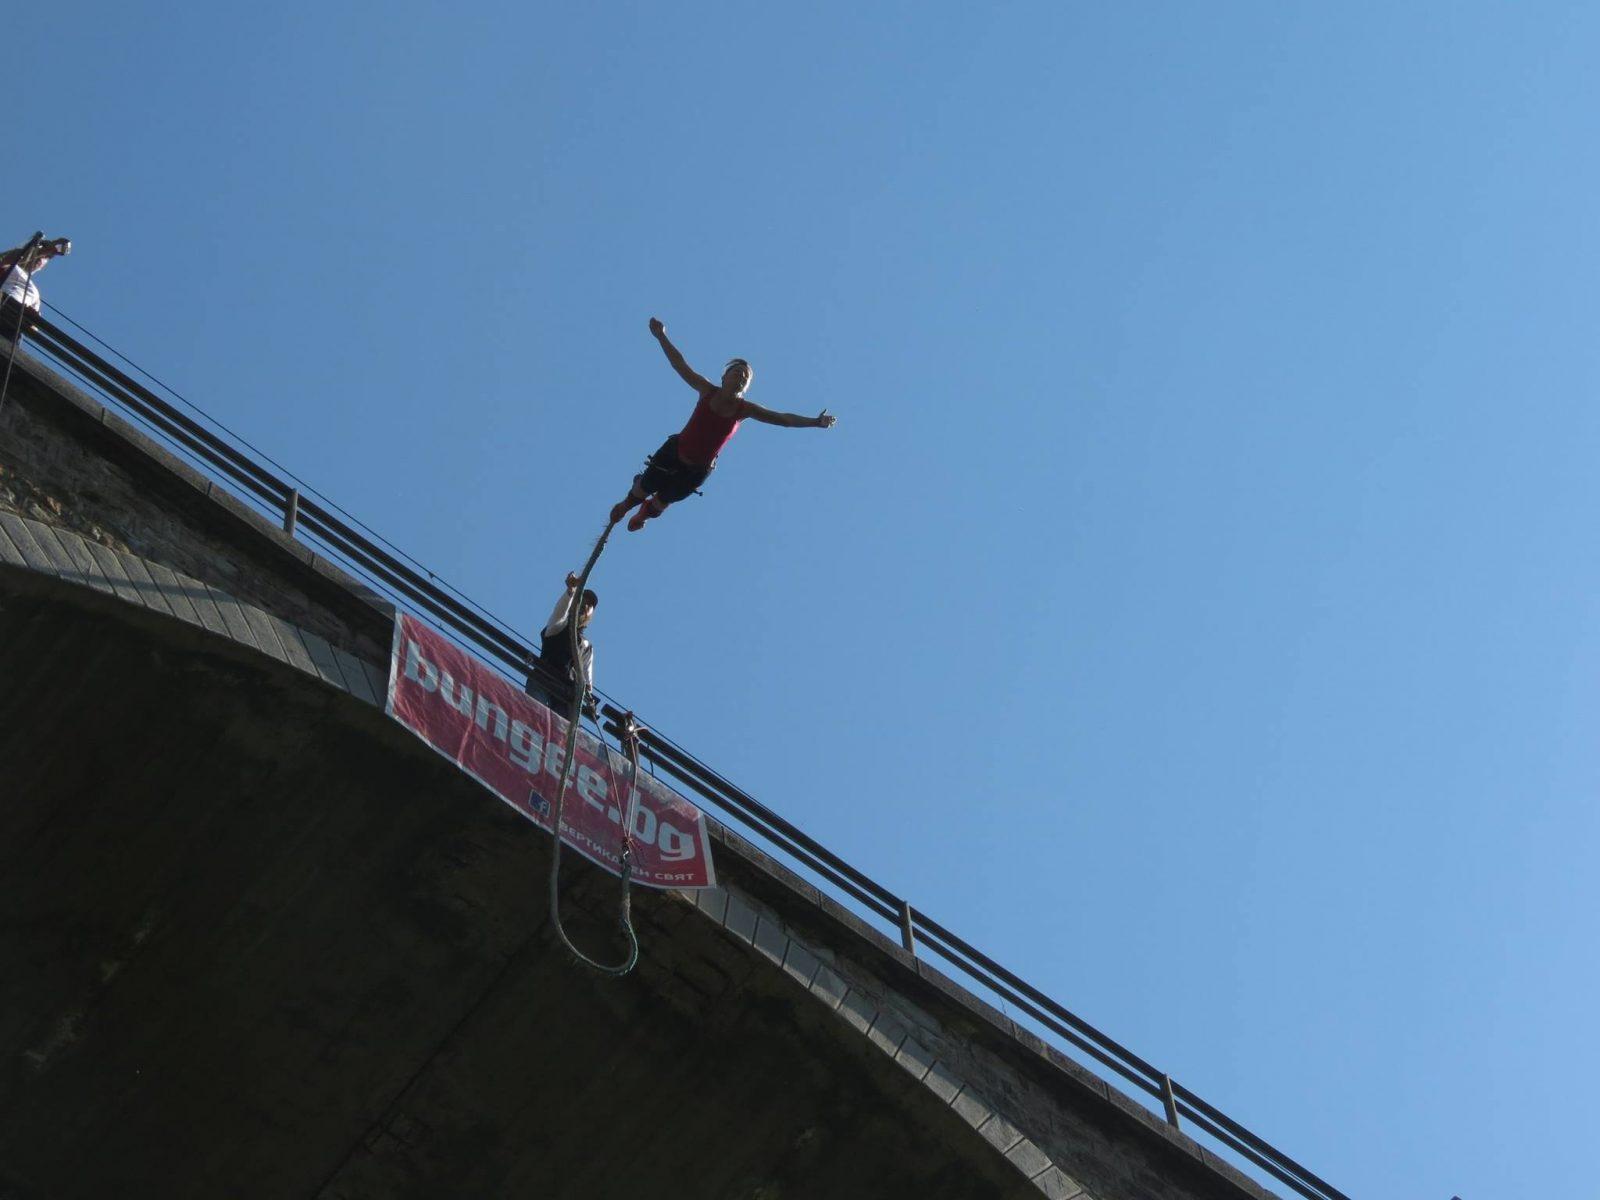 5-ти август: Бънджи скокове на Буново